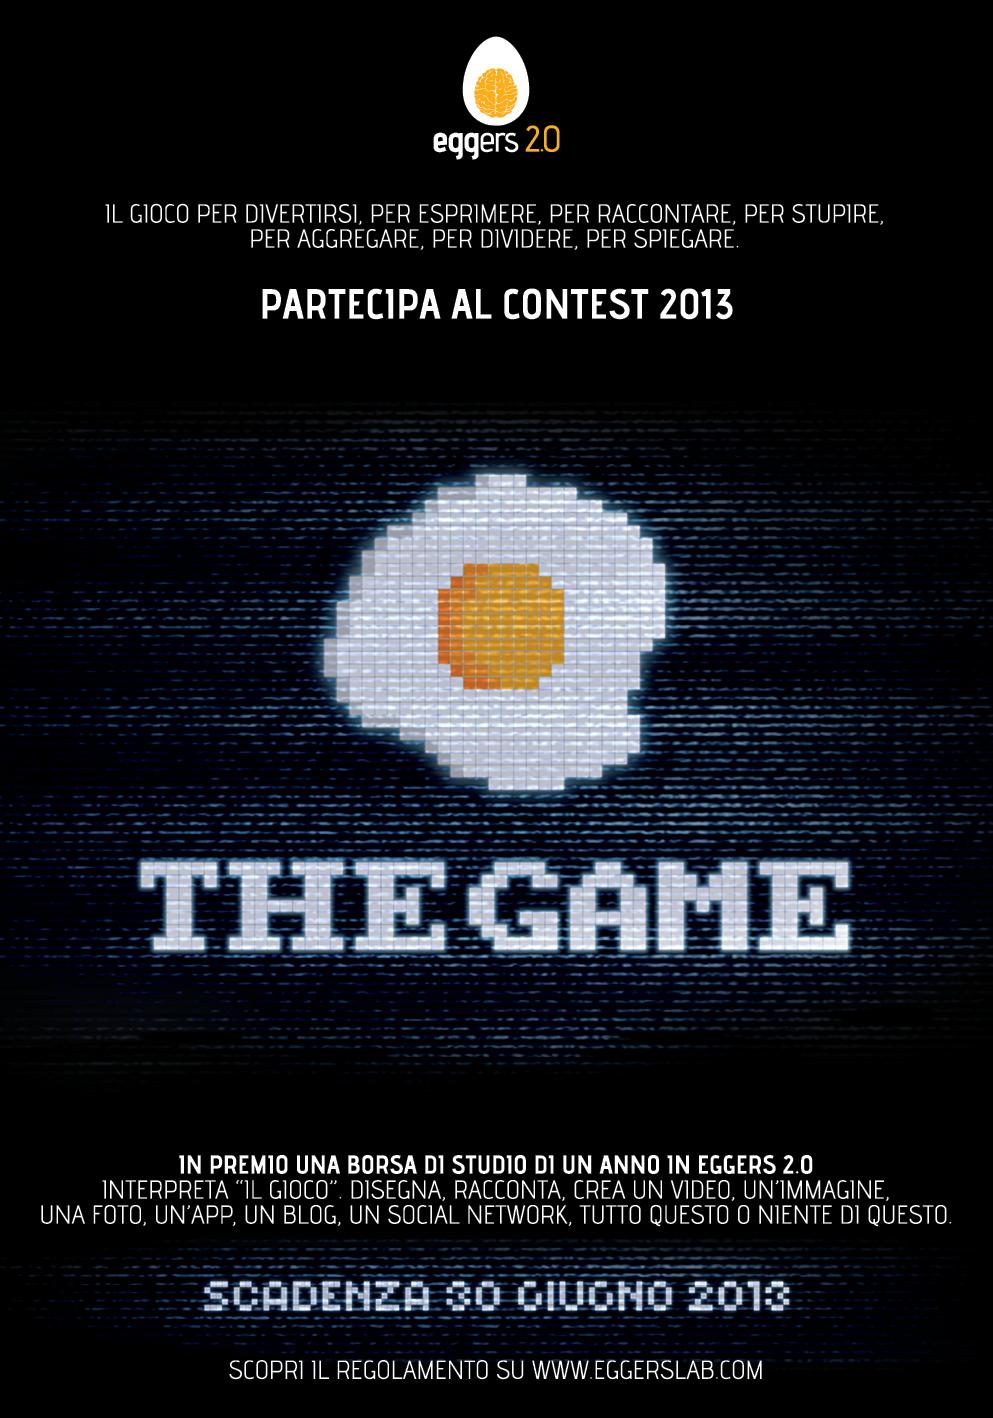 Eggers 2.0 lancia il nuovo contest per giovani talenti